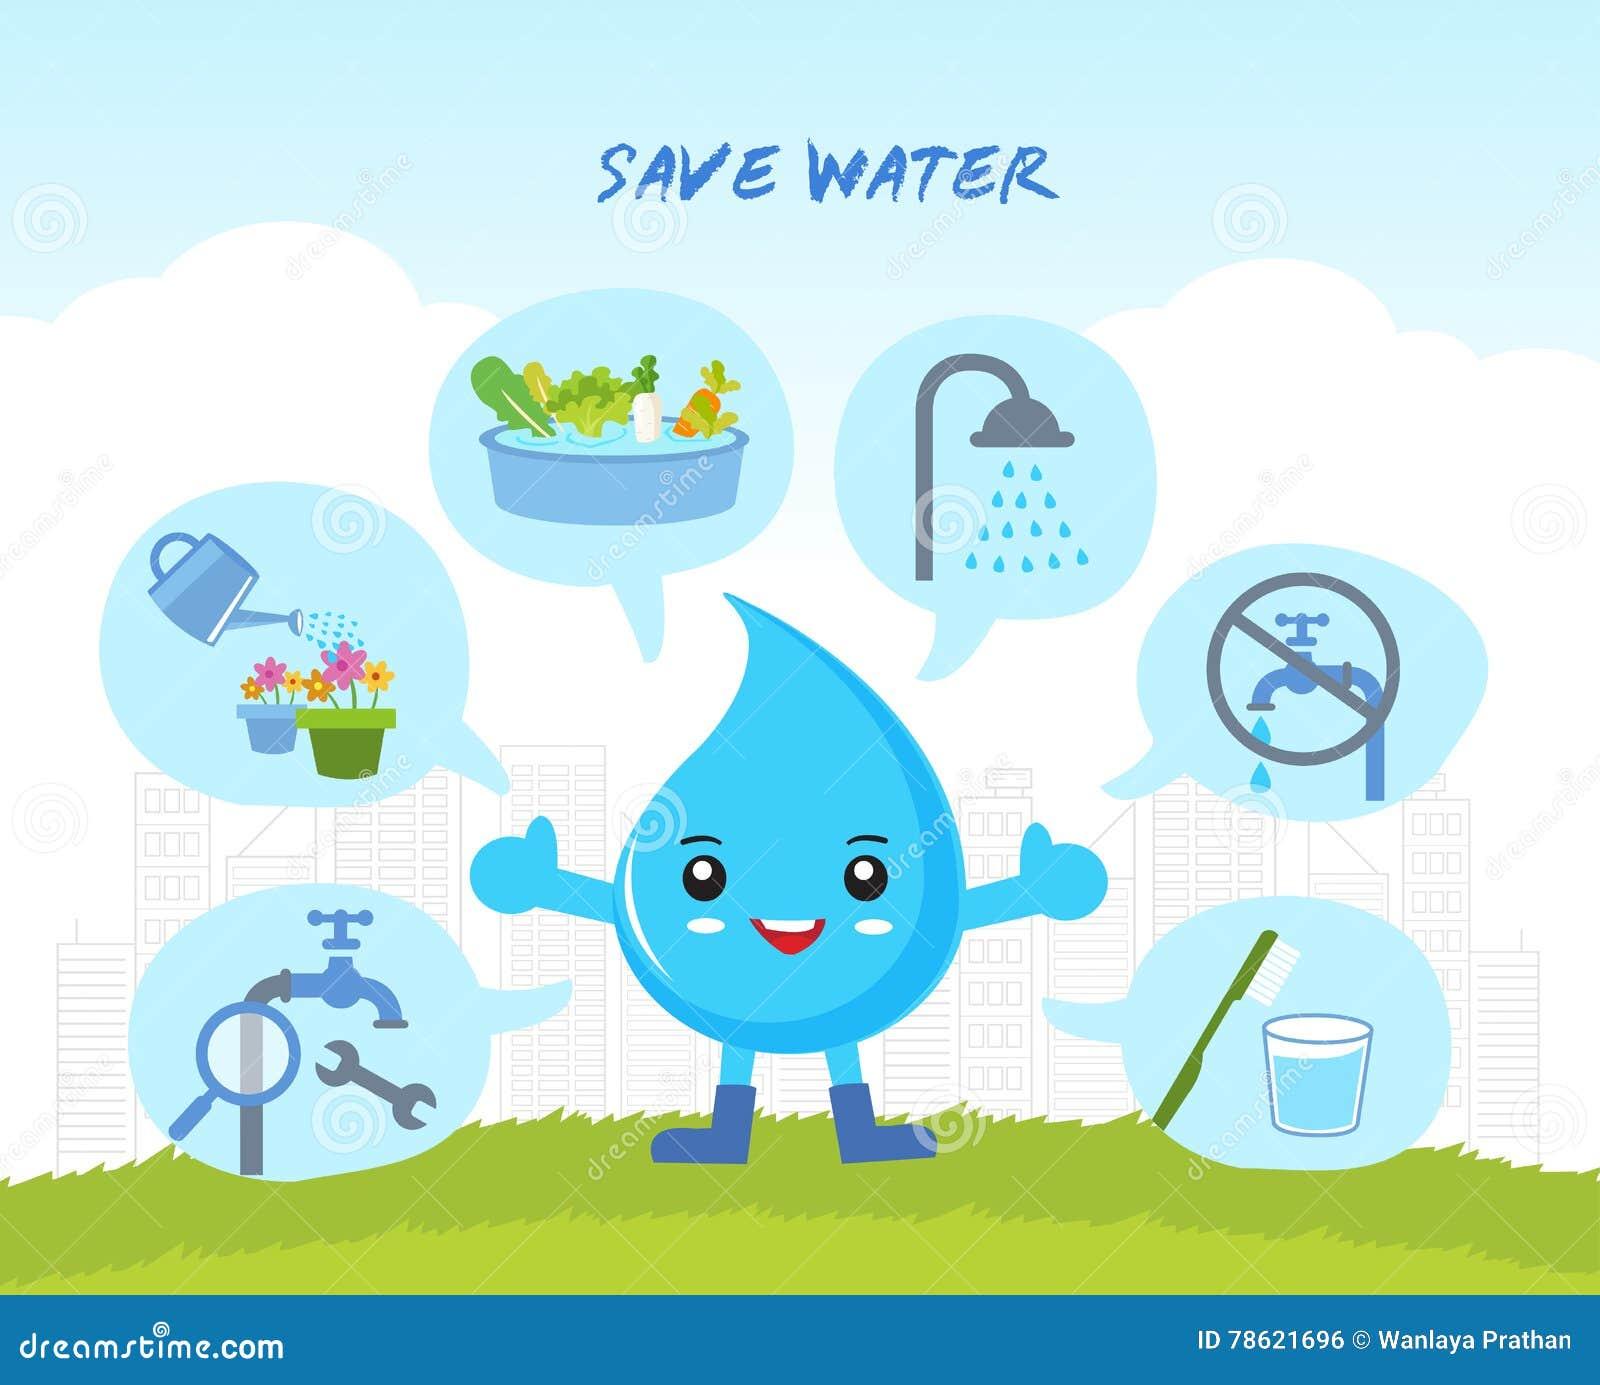 Conservi l acqua, infographic